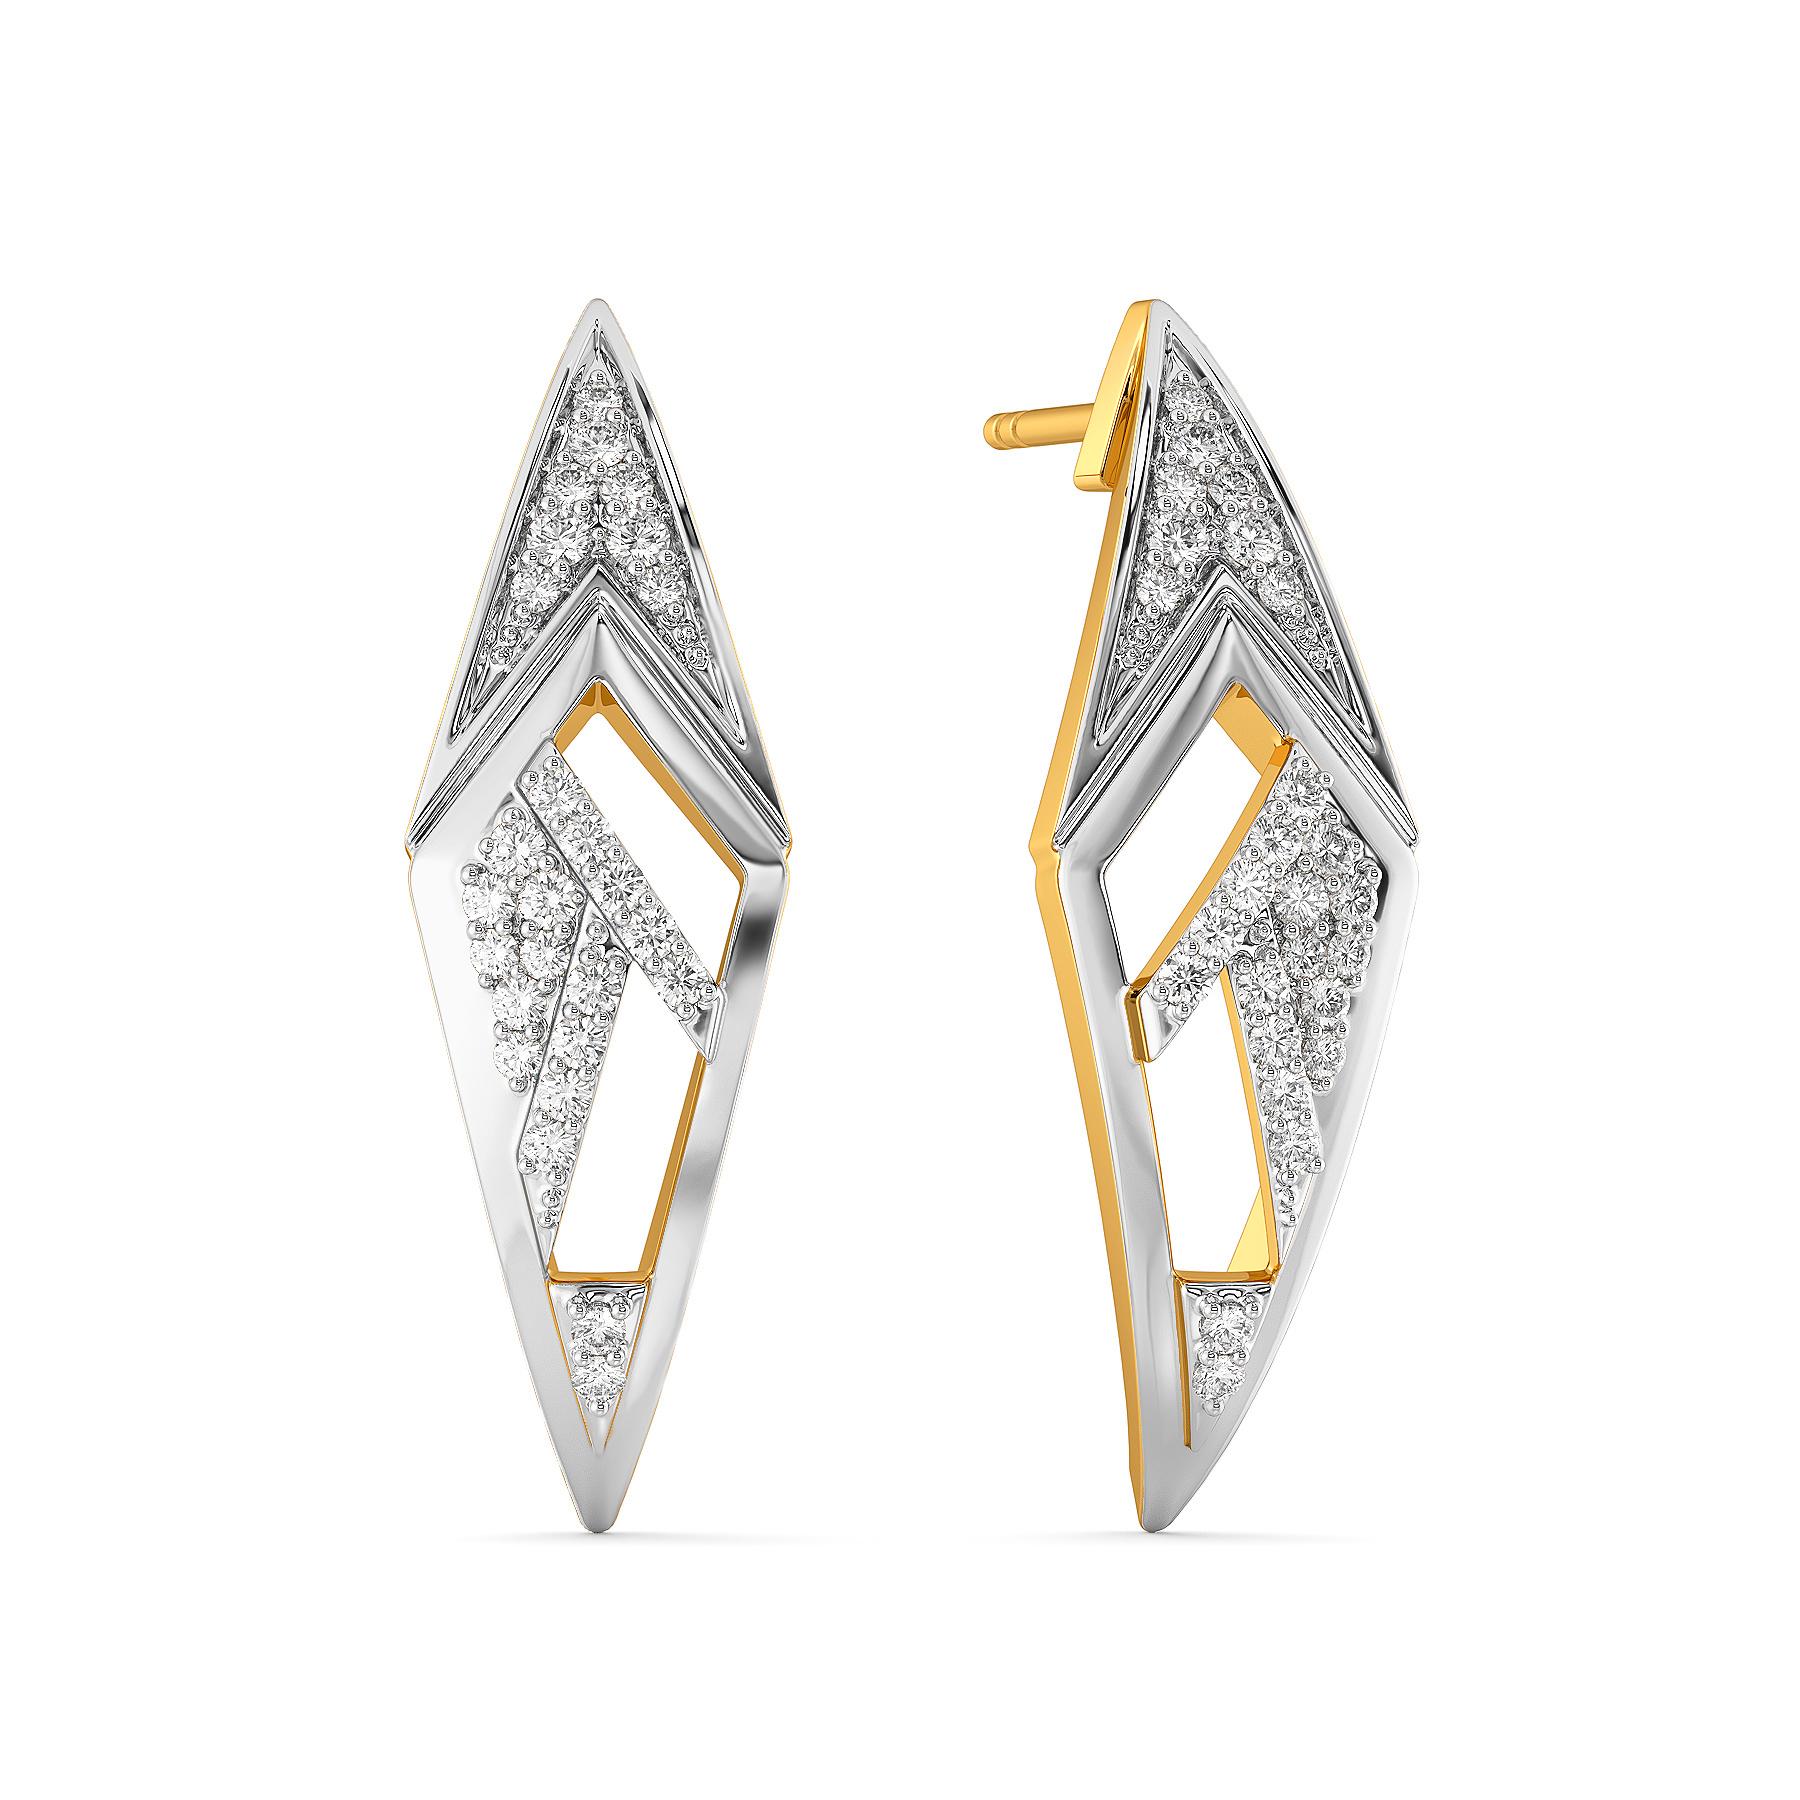 Strap Staple Diamond Earrings